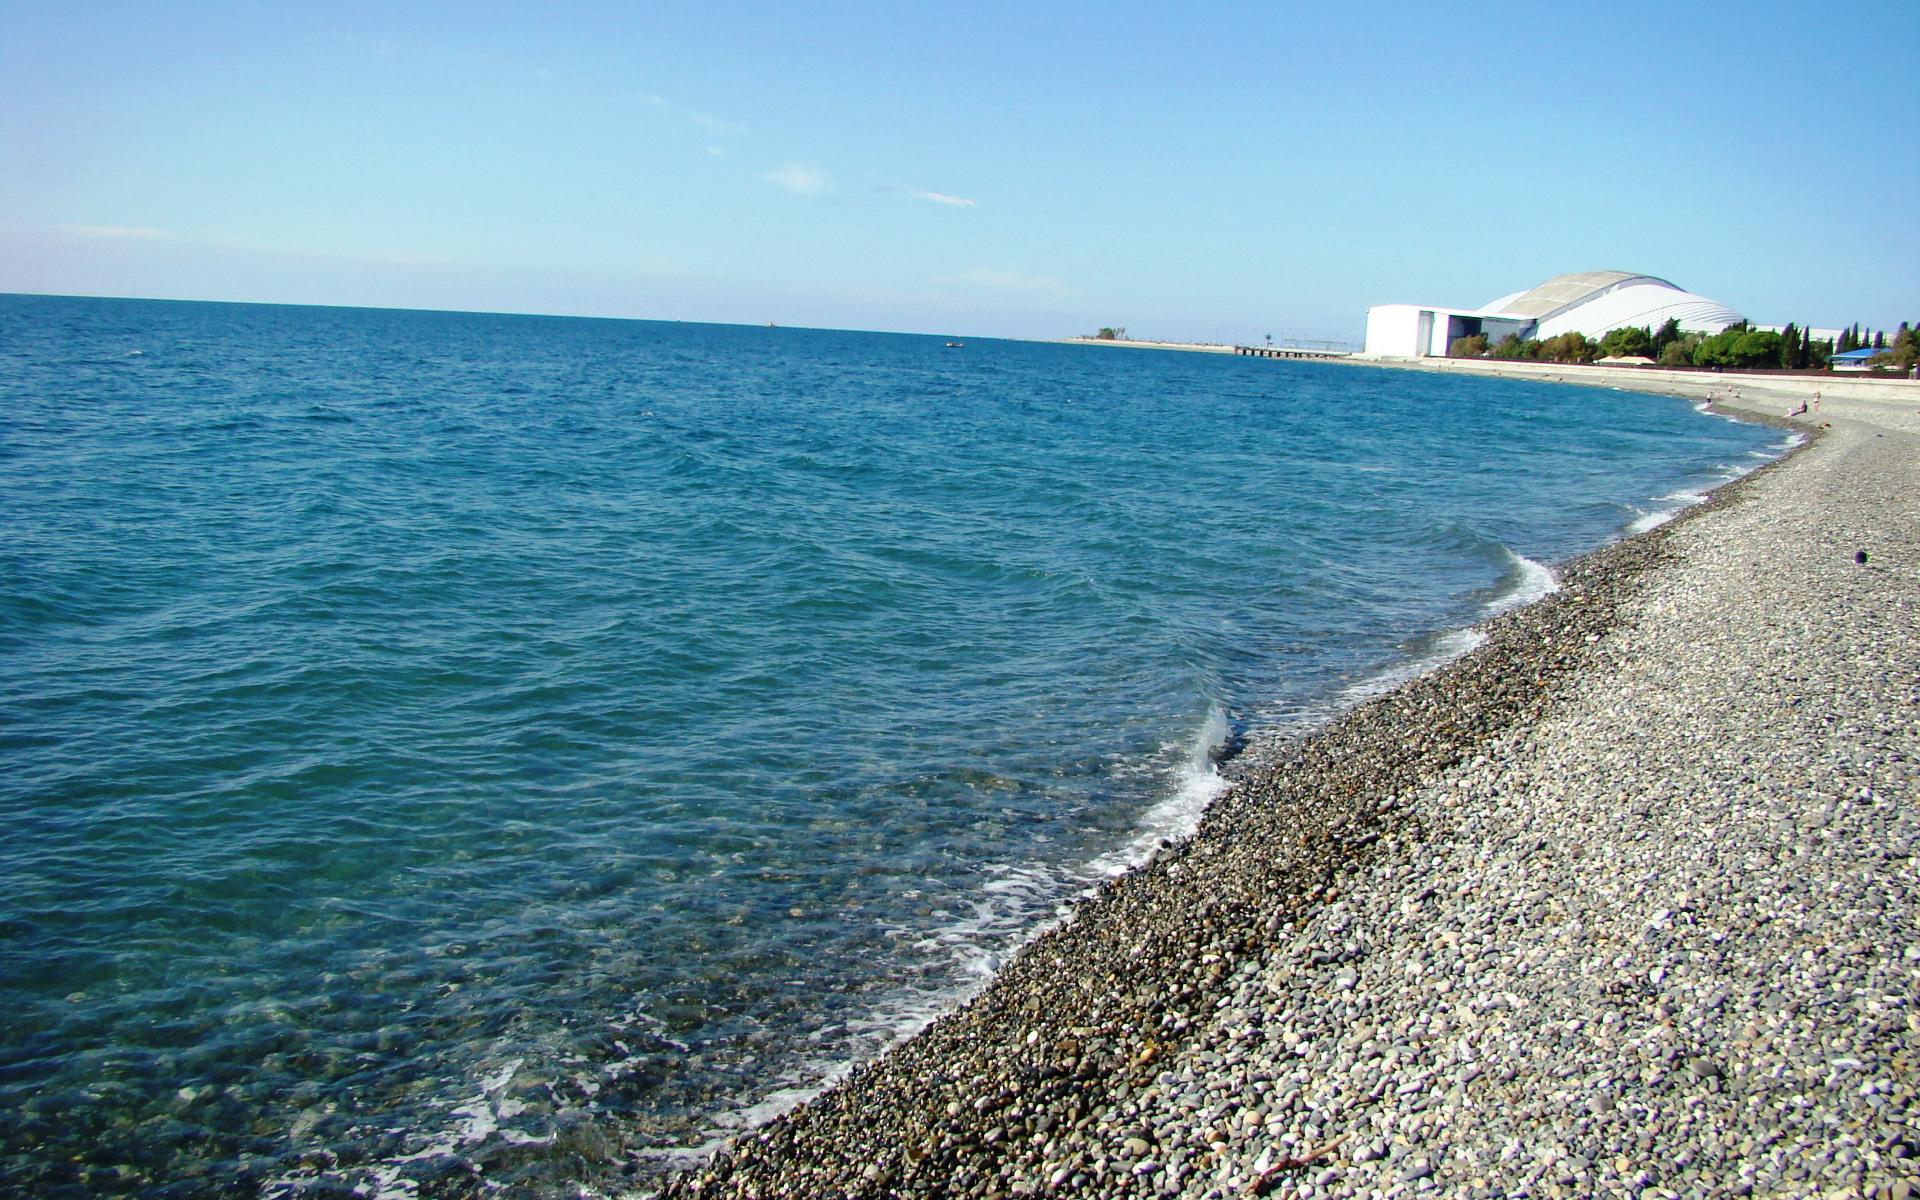 Картинка Пляж в Имеретинской бухте » Пляж » Природа » Картинки 24 ...